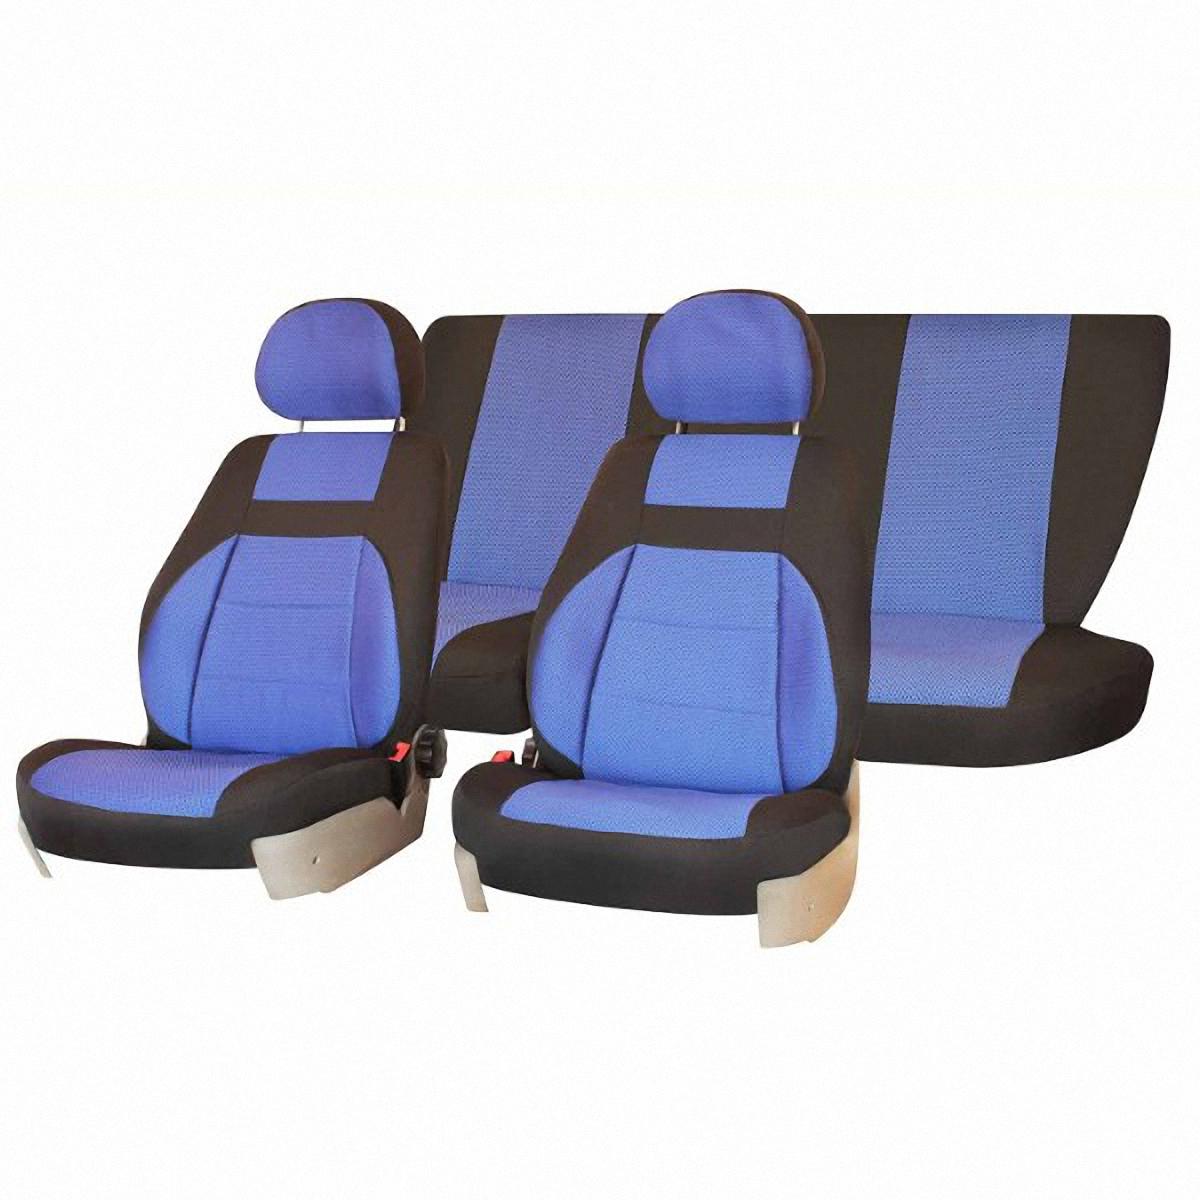 Чехлы автомобильные Skyway, для Lada Kalina 2004-2013, цвет: синий, черный чехлы автомобильные skyway для уаз patriot 2005 2014